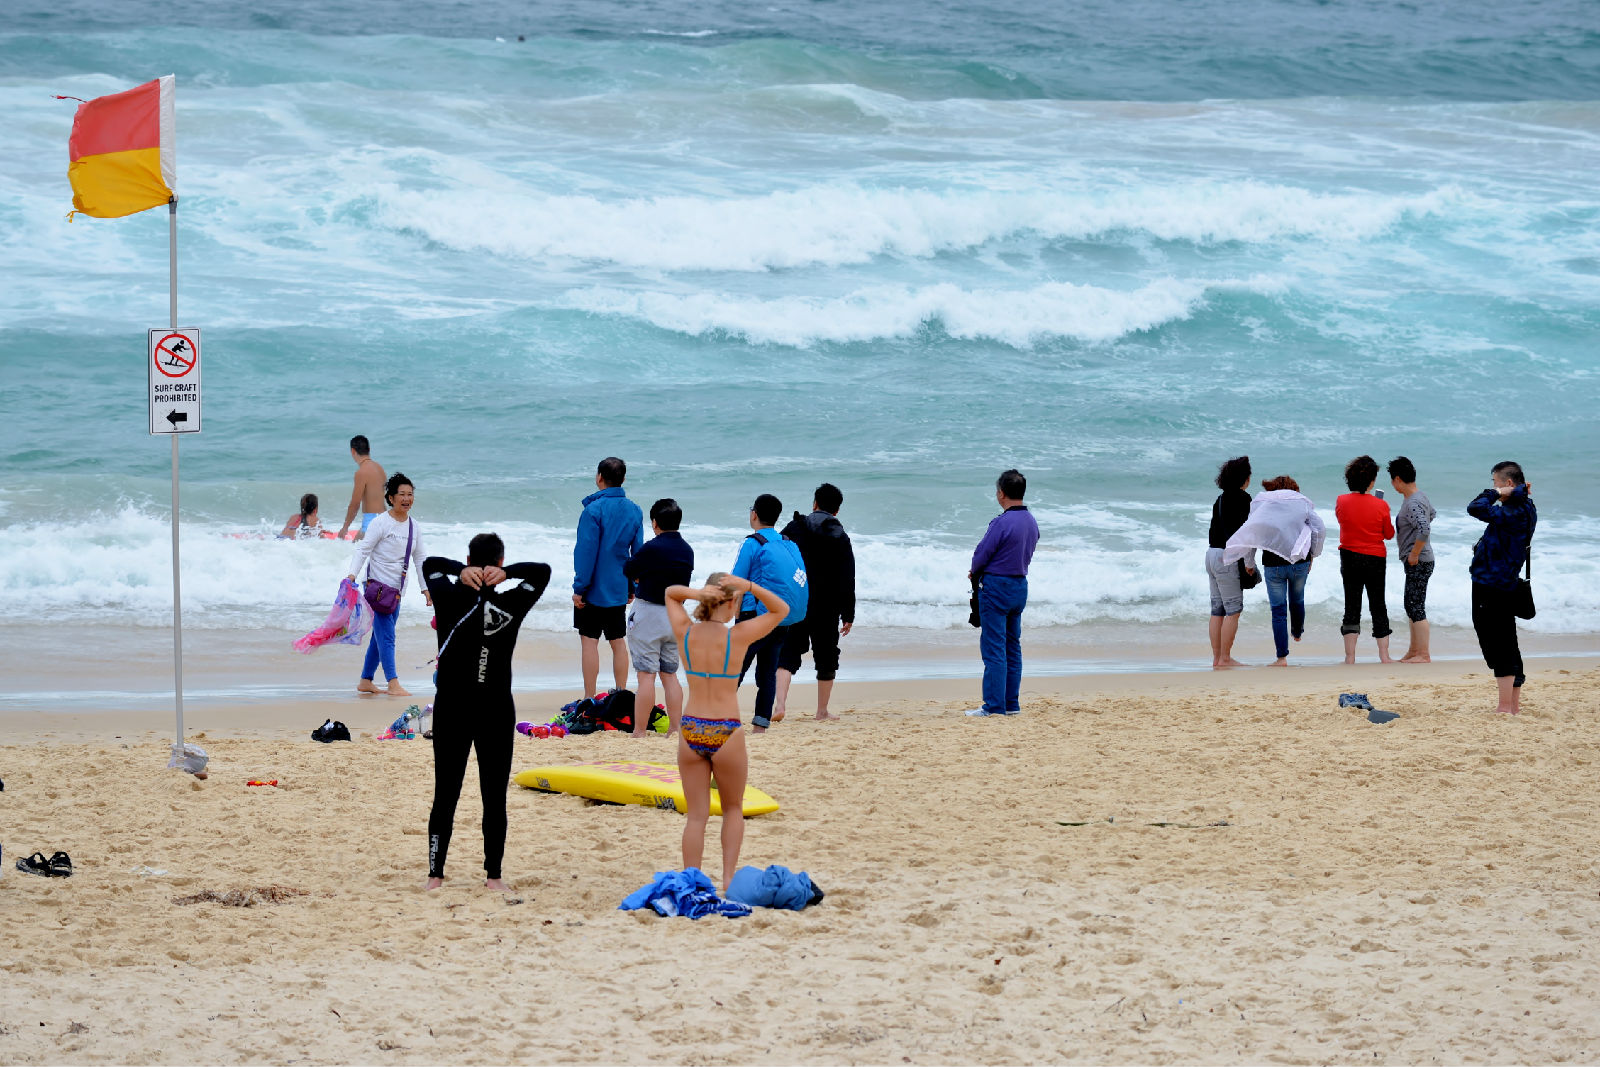 澳大利亚旅游攻略图片311